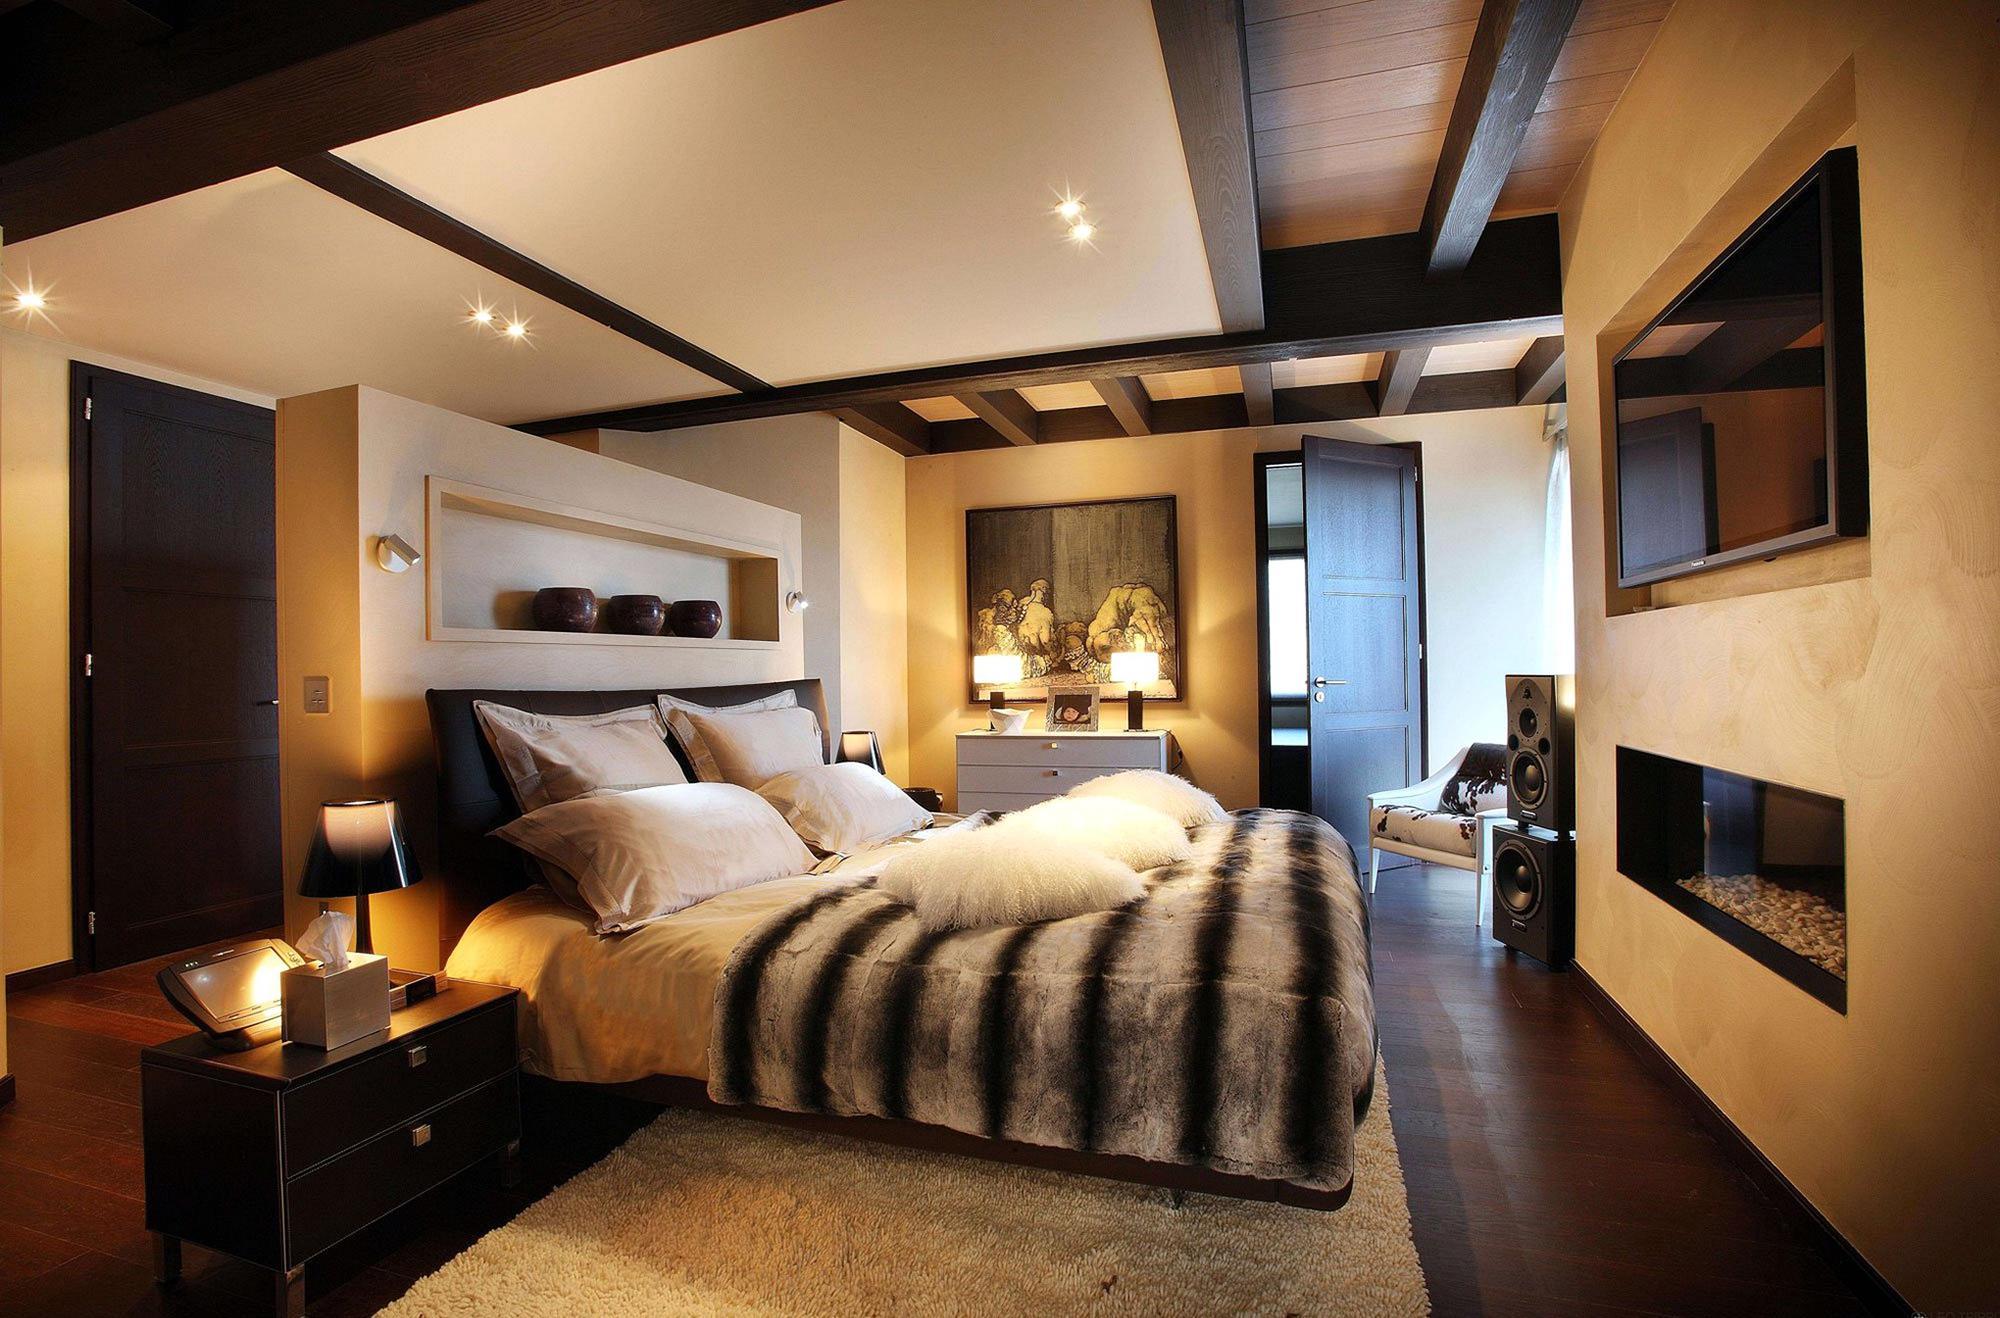 Бежево-черная спальня в стиле шале